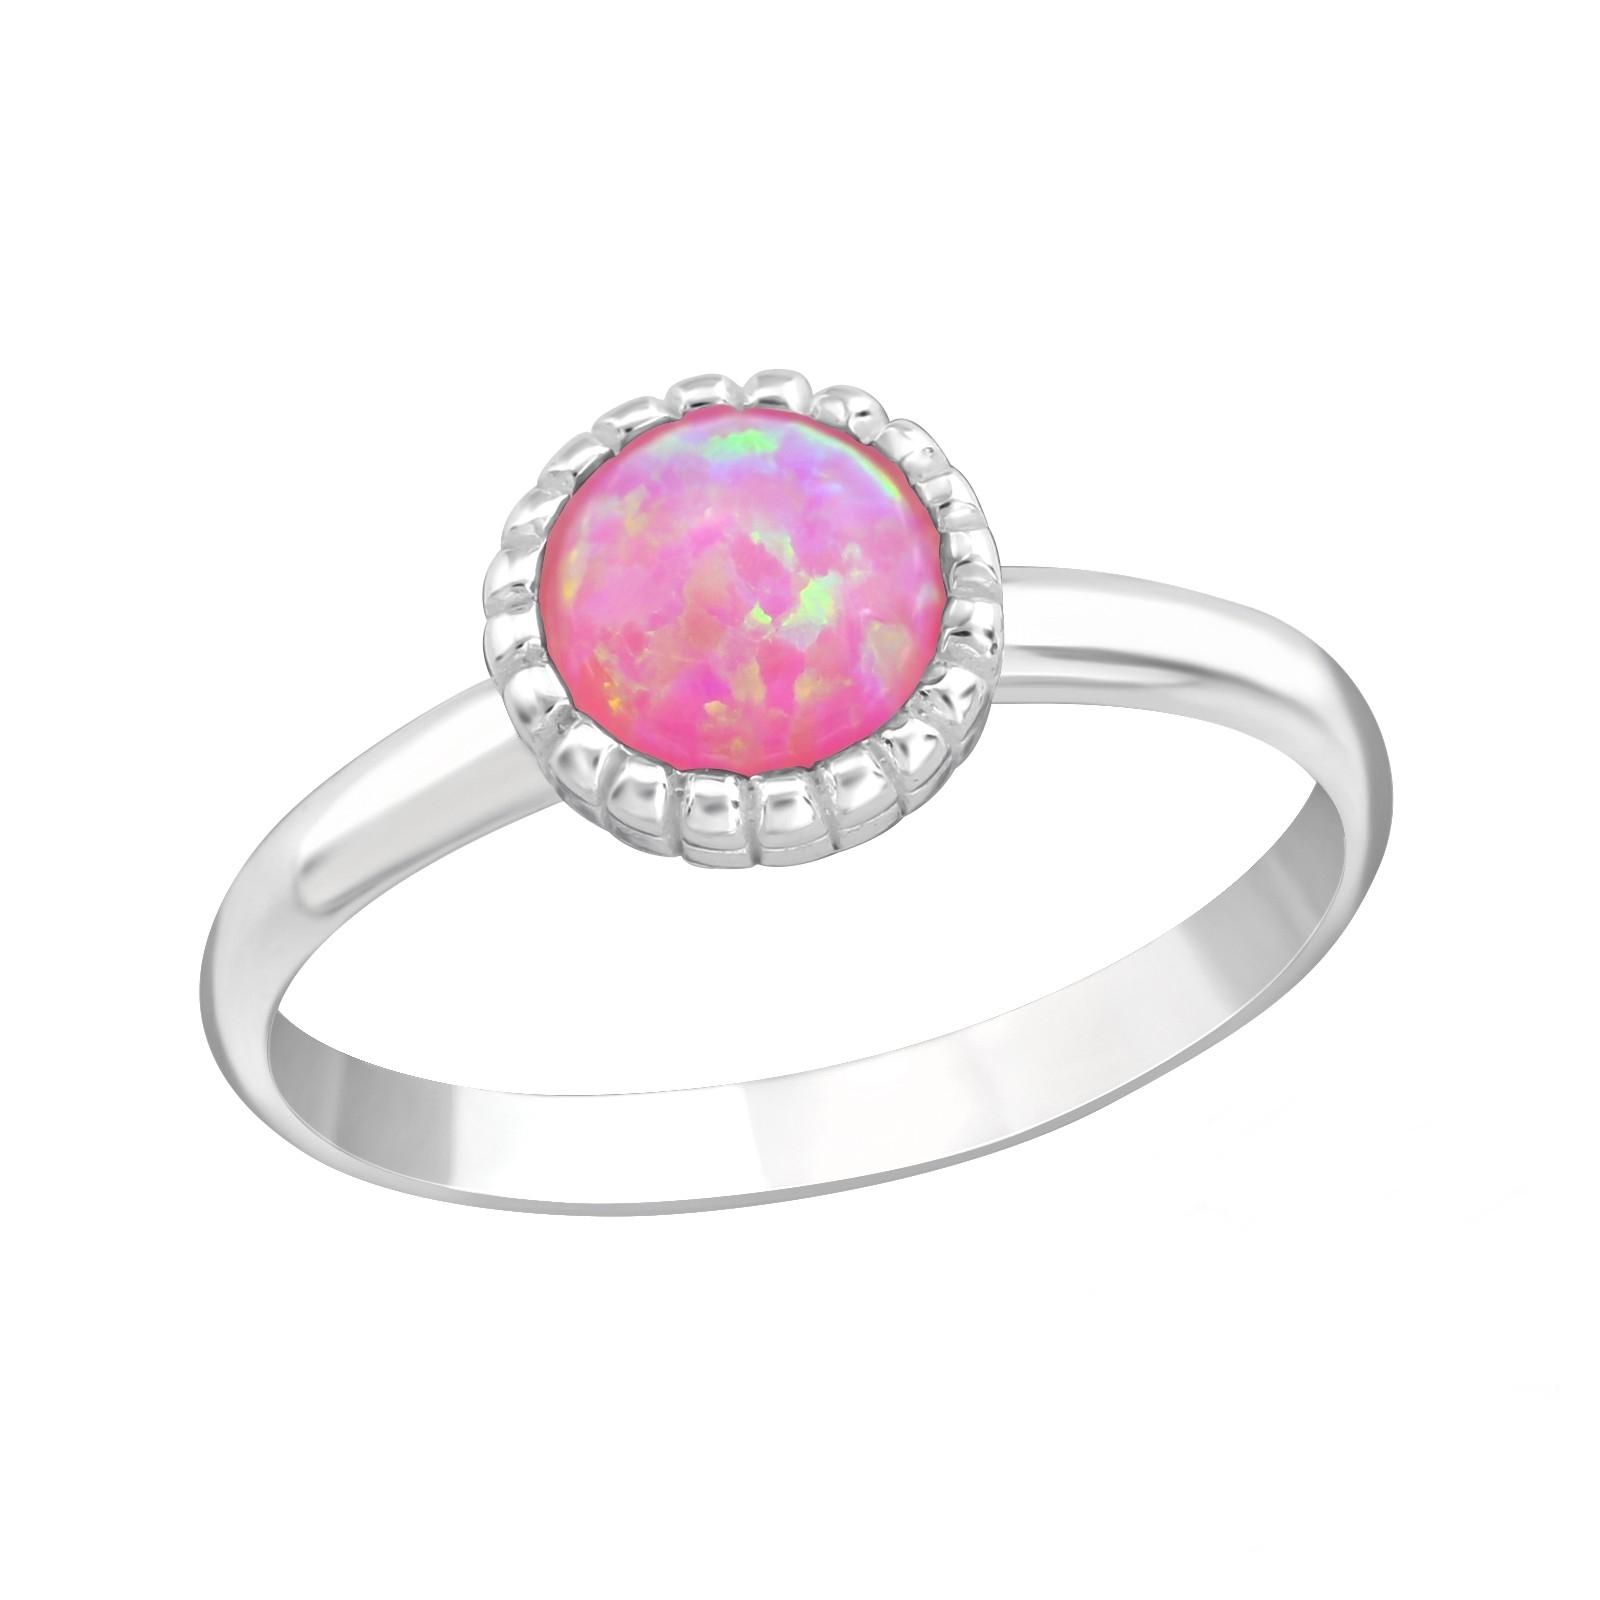 OLIVIE Detský strieborný prsteň RUŽOVÝ OPÁL 4414 Ag 925; ≤0,9 g.